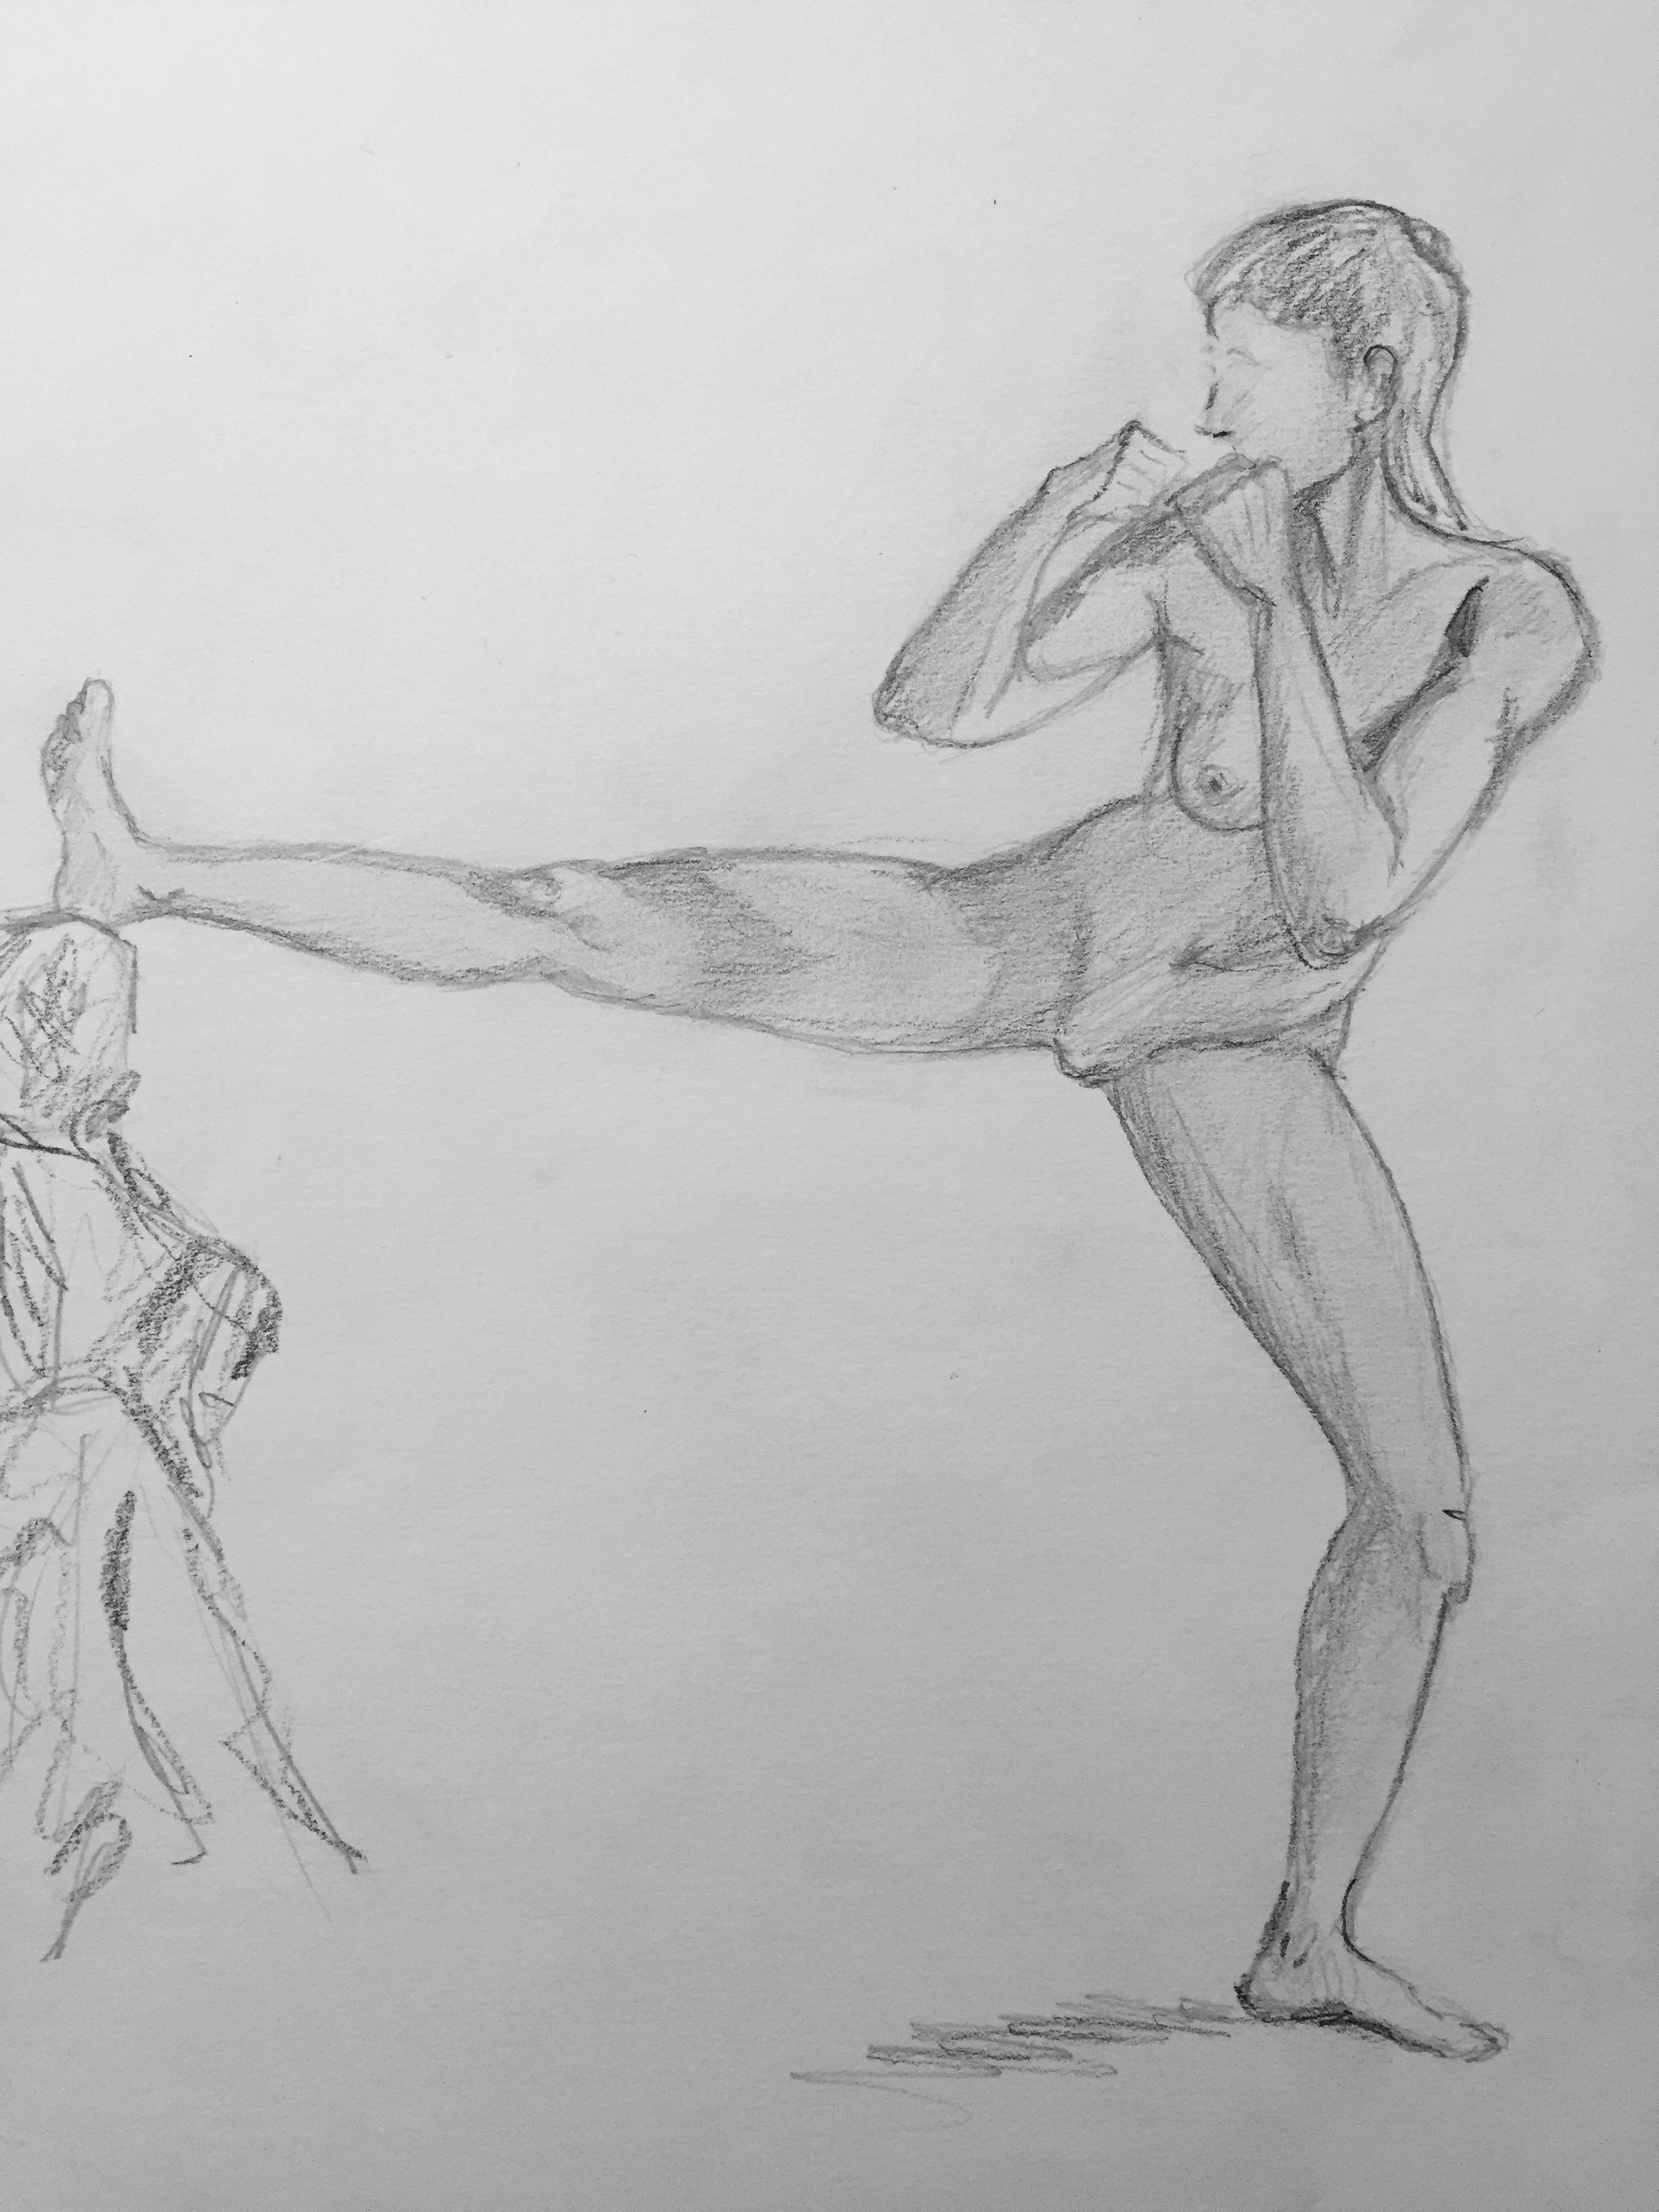 Étude du mouvement corps humain dessin  cours de dessin